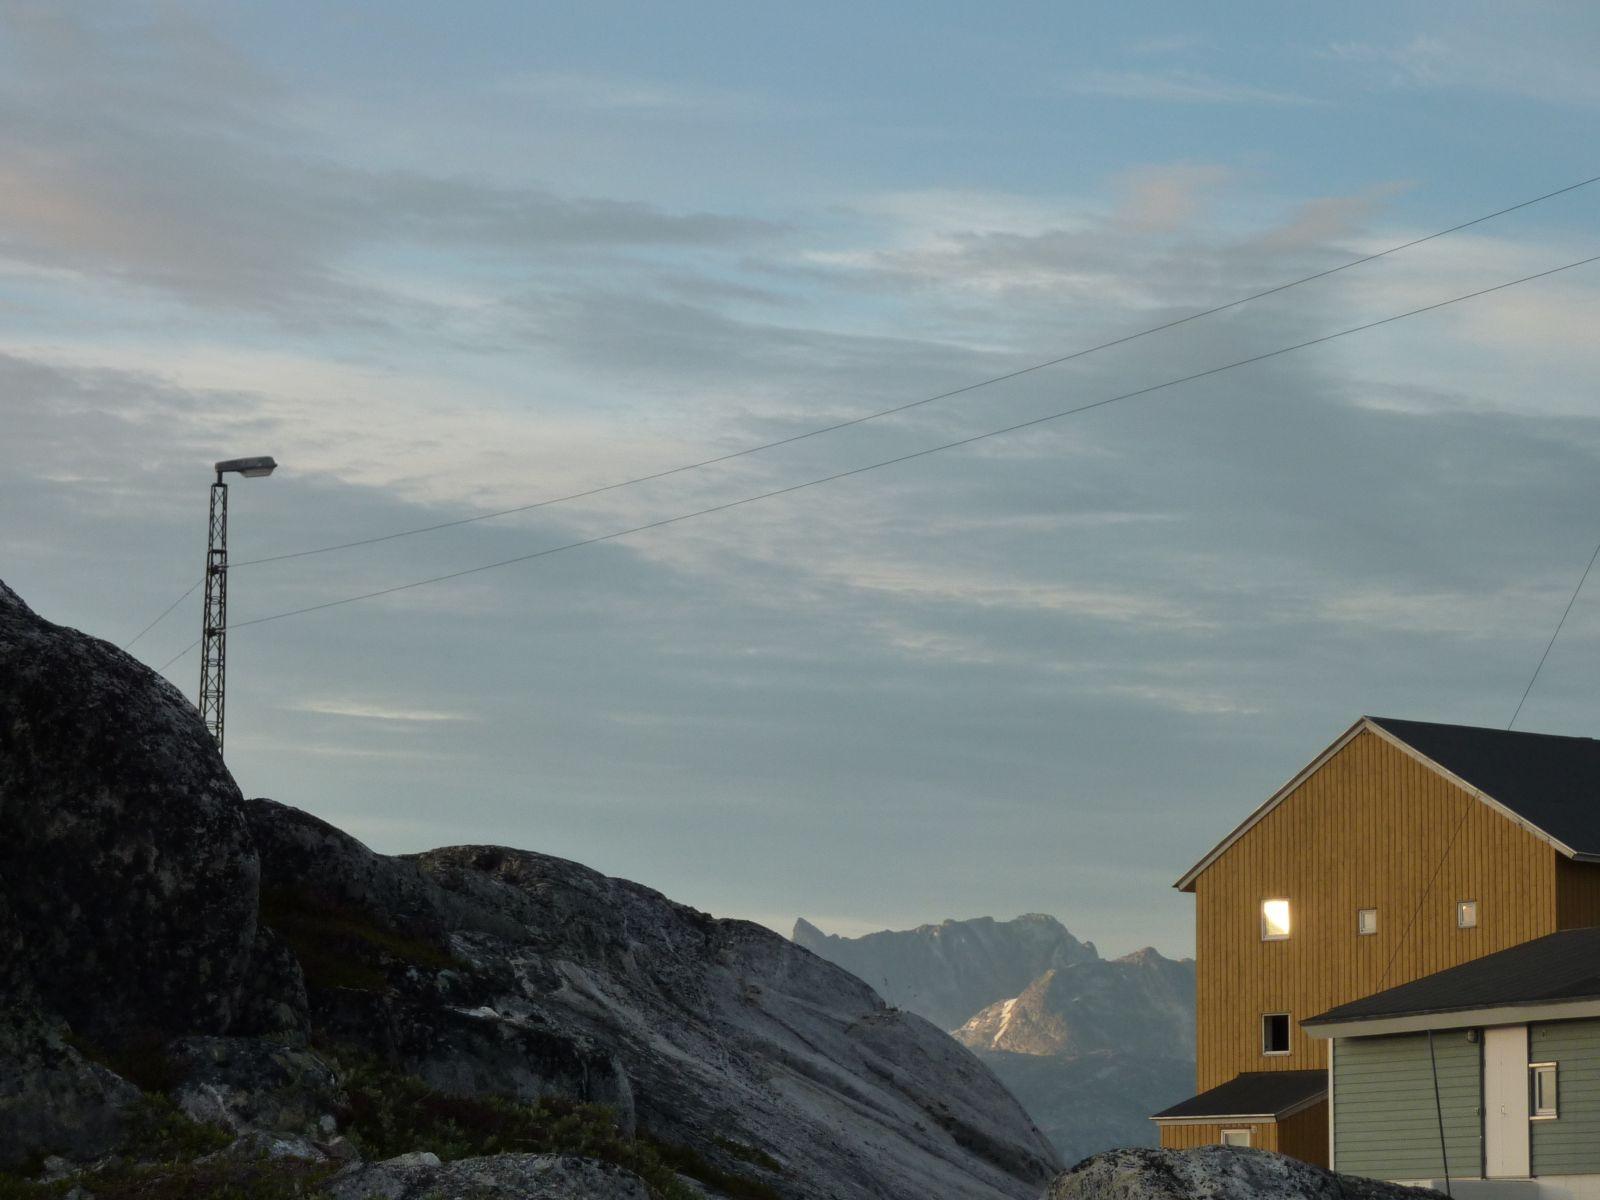 2010-07-15-2218_-_Sermitsiaq